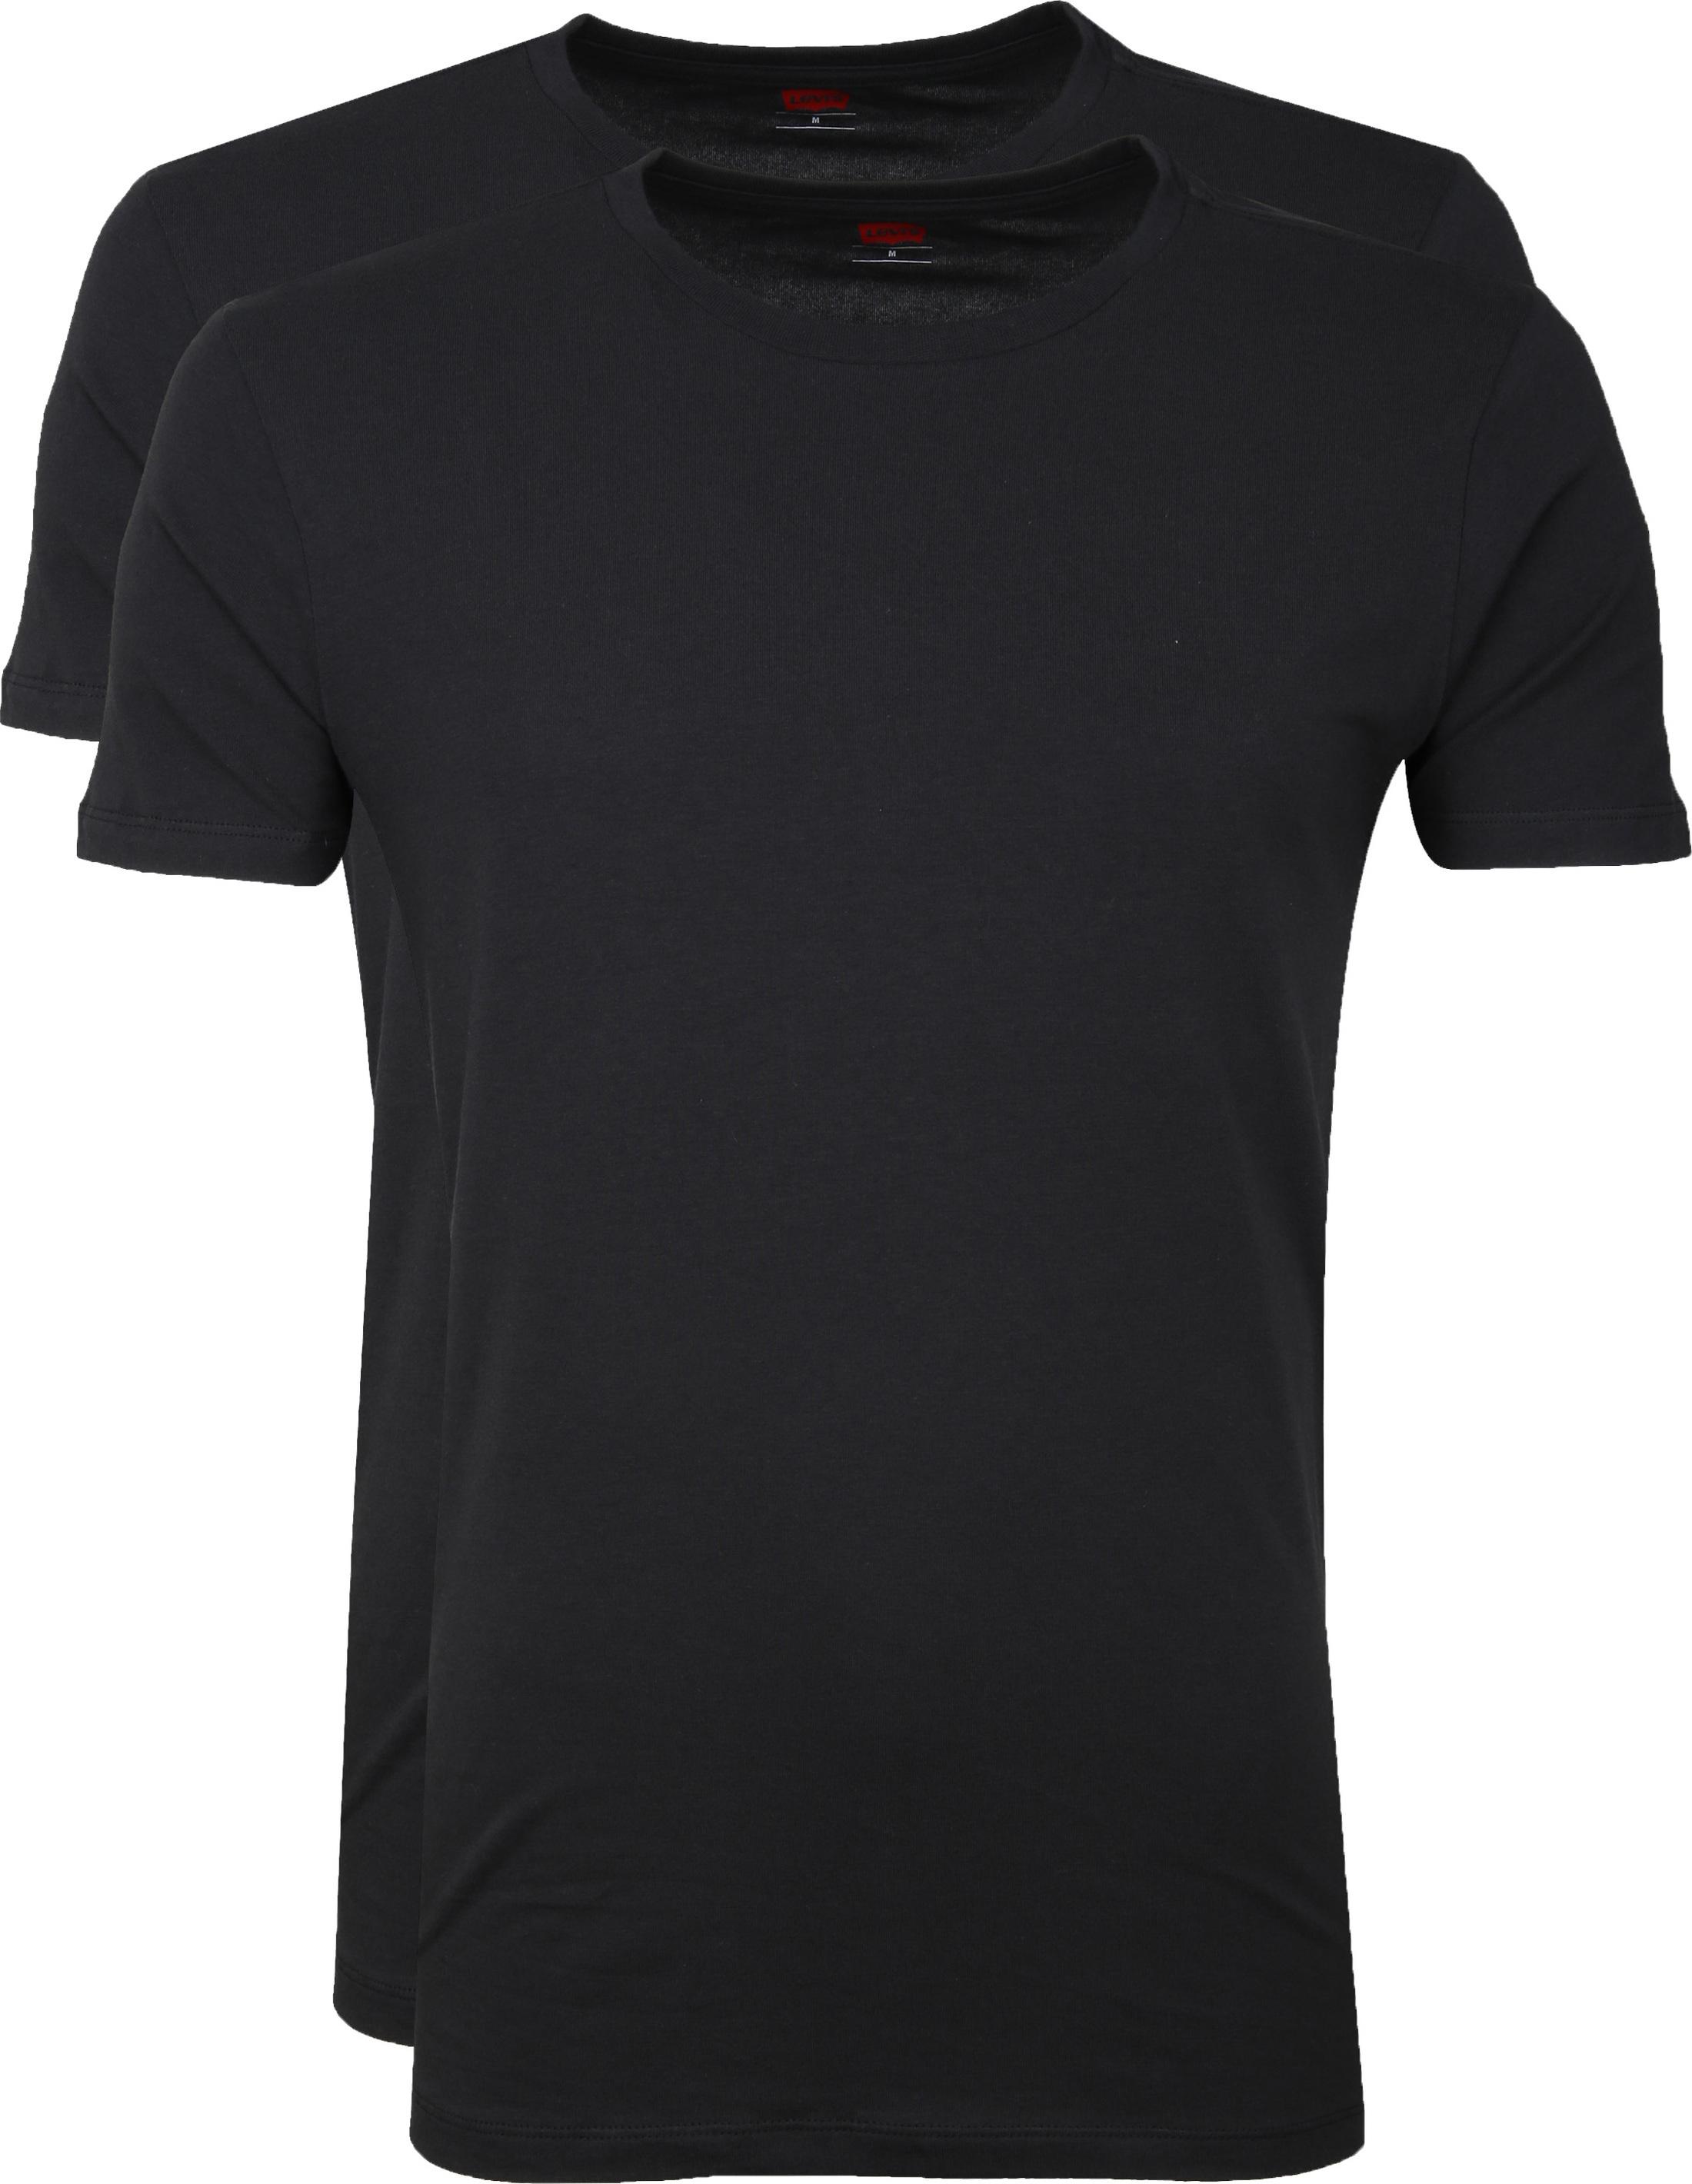 Levi's T-shirt Rund Hals Schwarz 2Pack